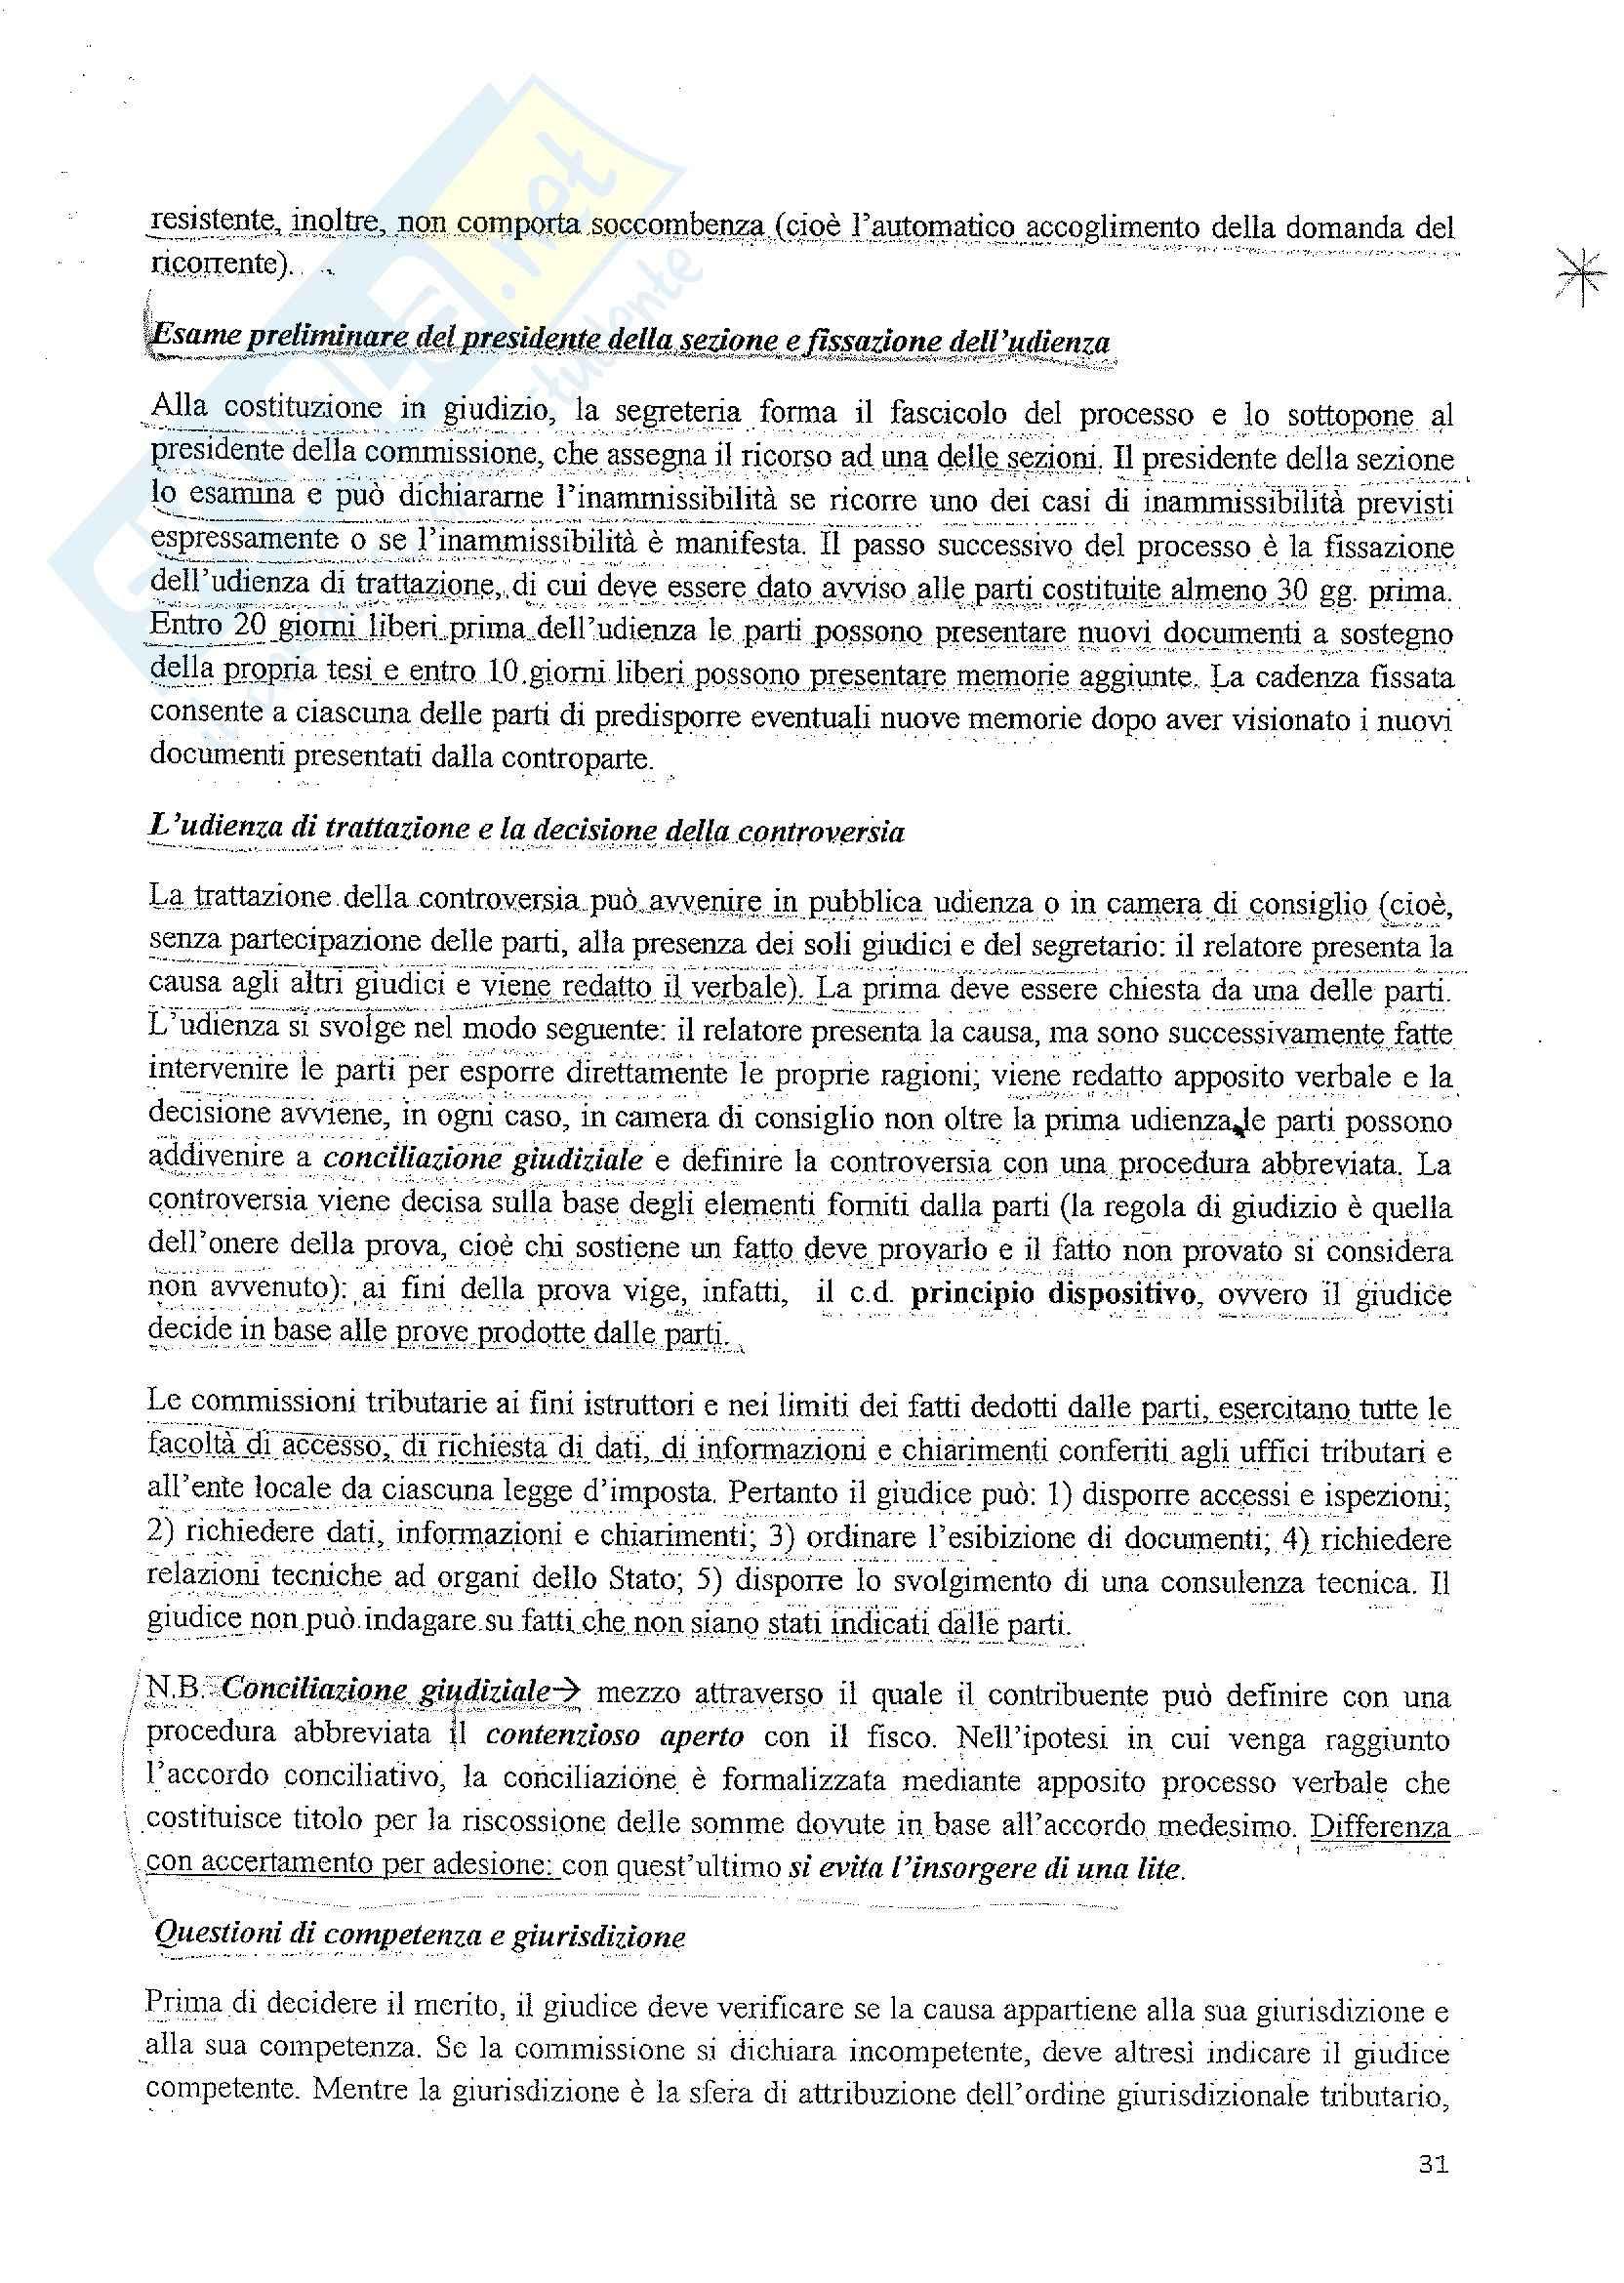 Diritto tributario - le fonti del diritto tributario Pag. 31